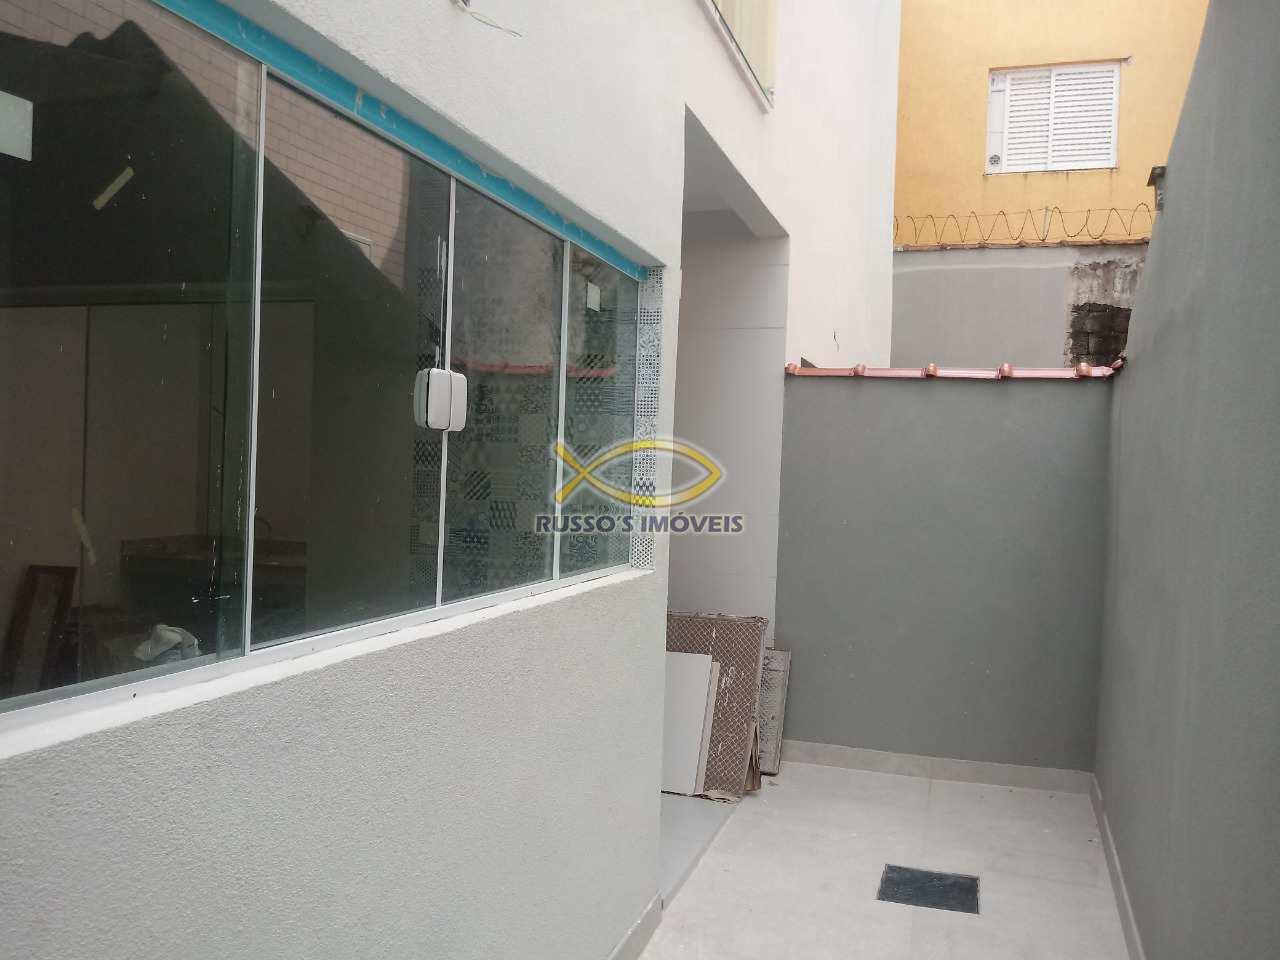 Sobrado com 2 dorms, Boqueirão, Praia Grande - R$ 380 mil, Cod: 60019444